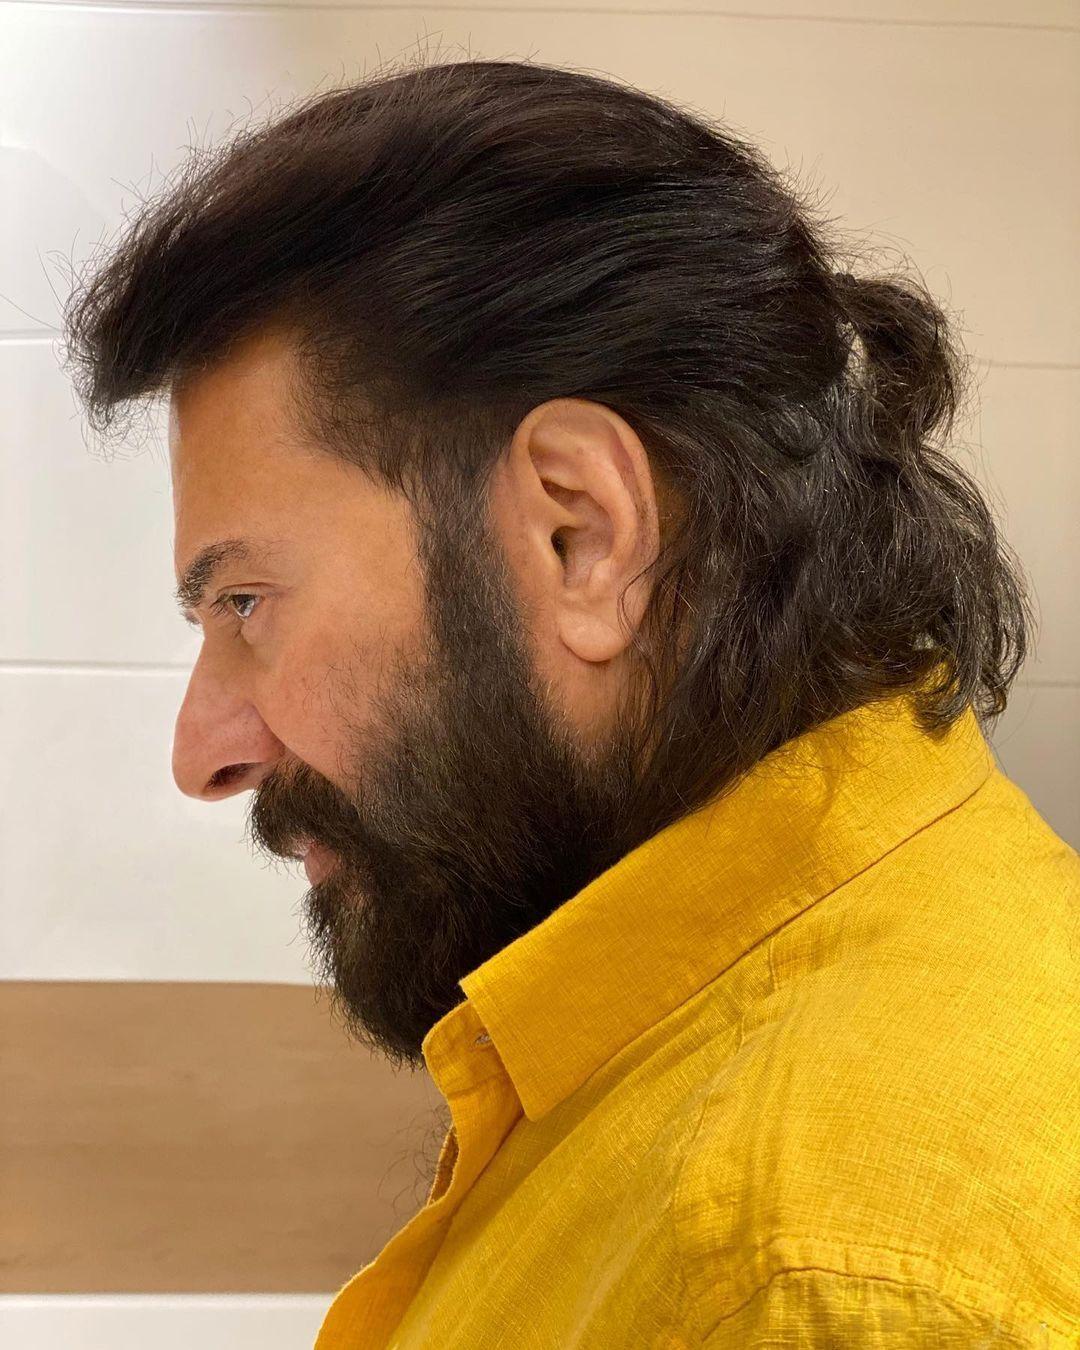 പ്രായം അളക്കാത്ത ശരീരം; മമ്മൂട്ടിയുടെ ഫിറ്റ് ലുക്ക് വൈറൽ